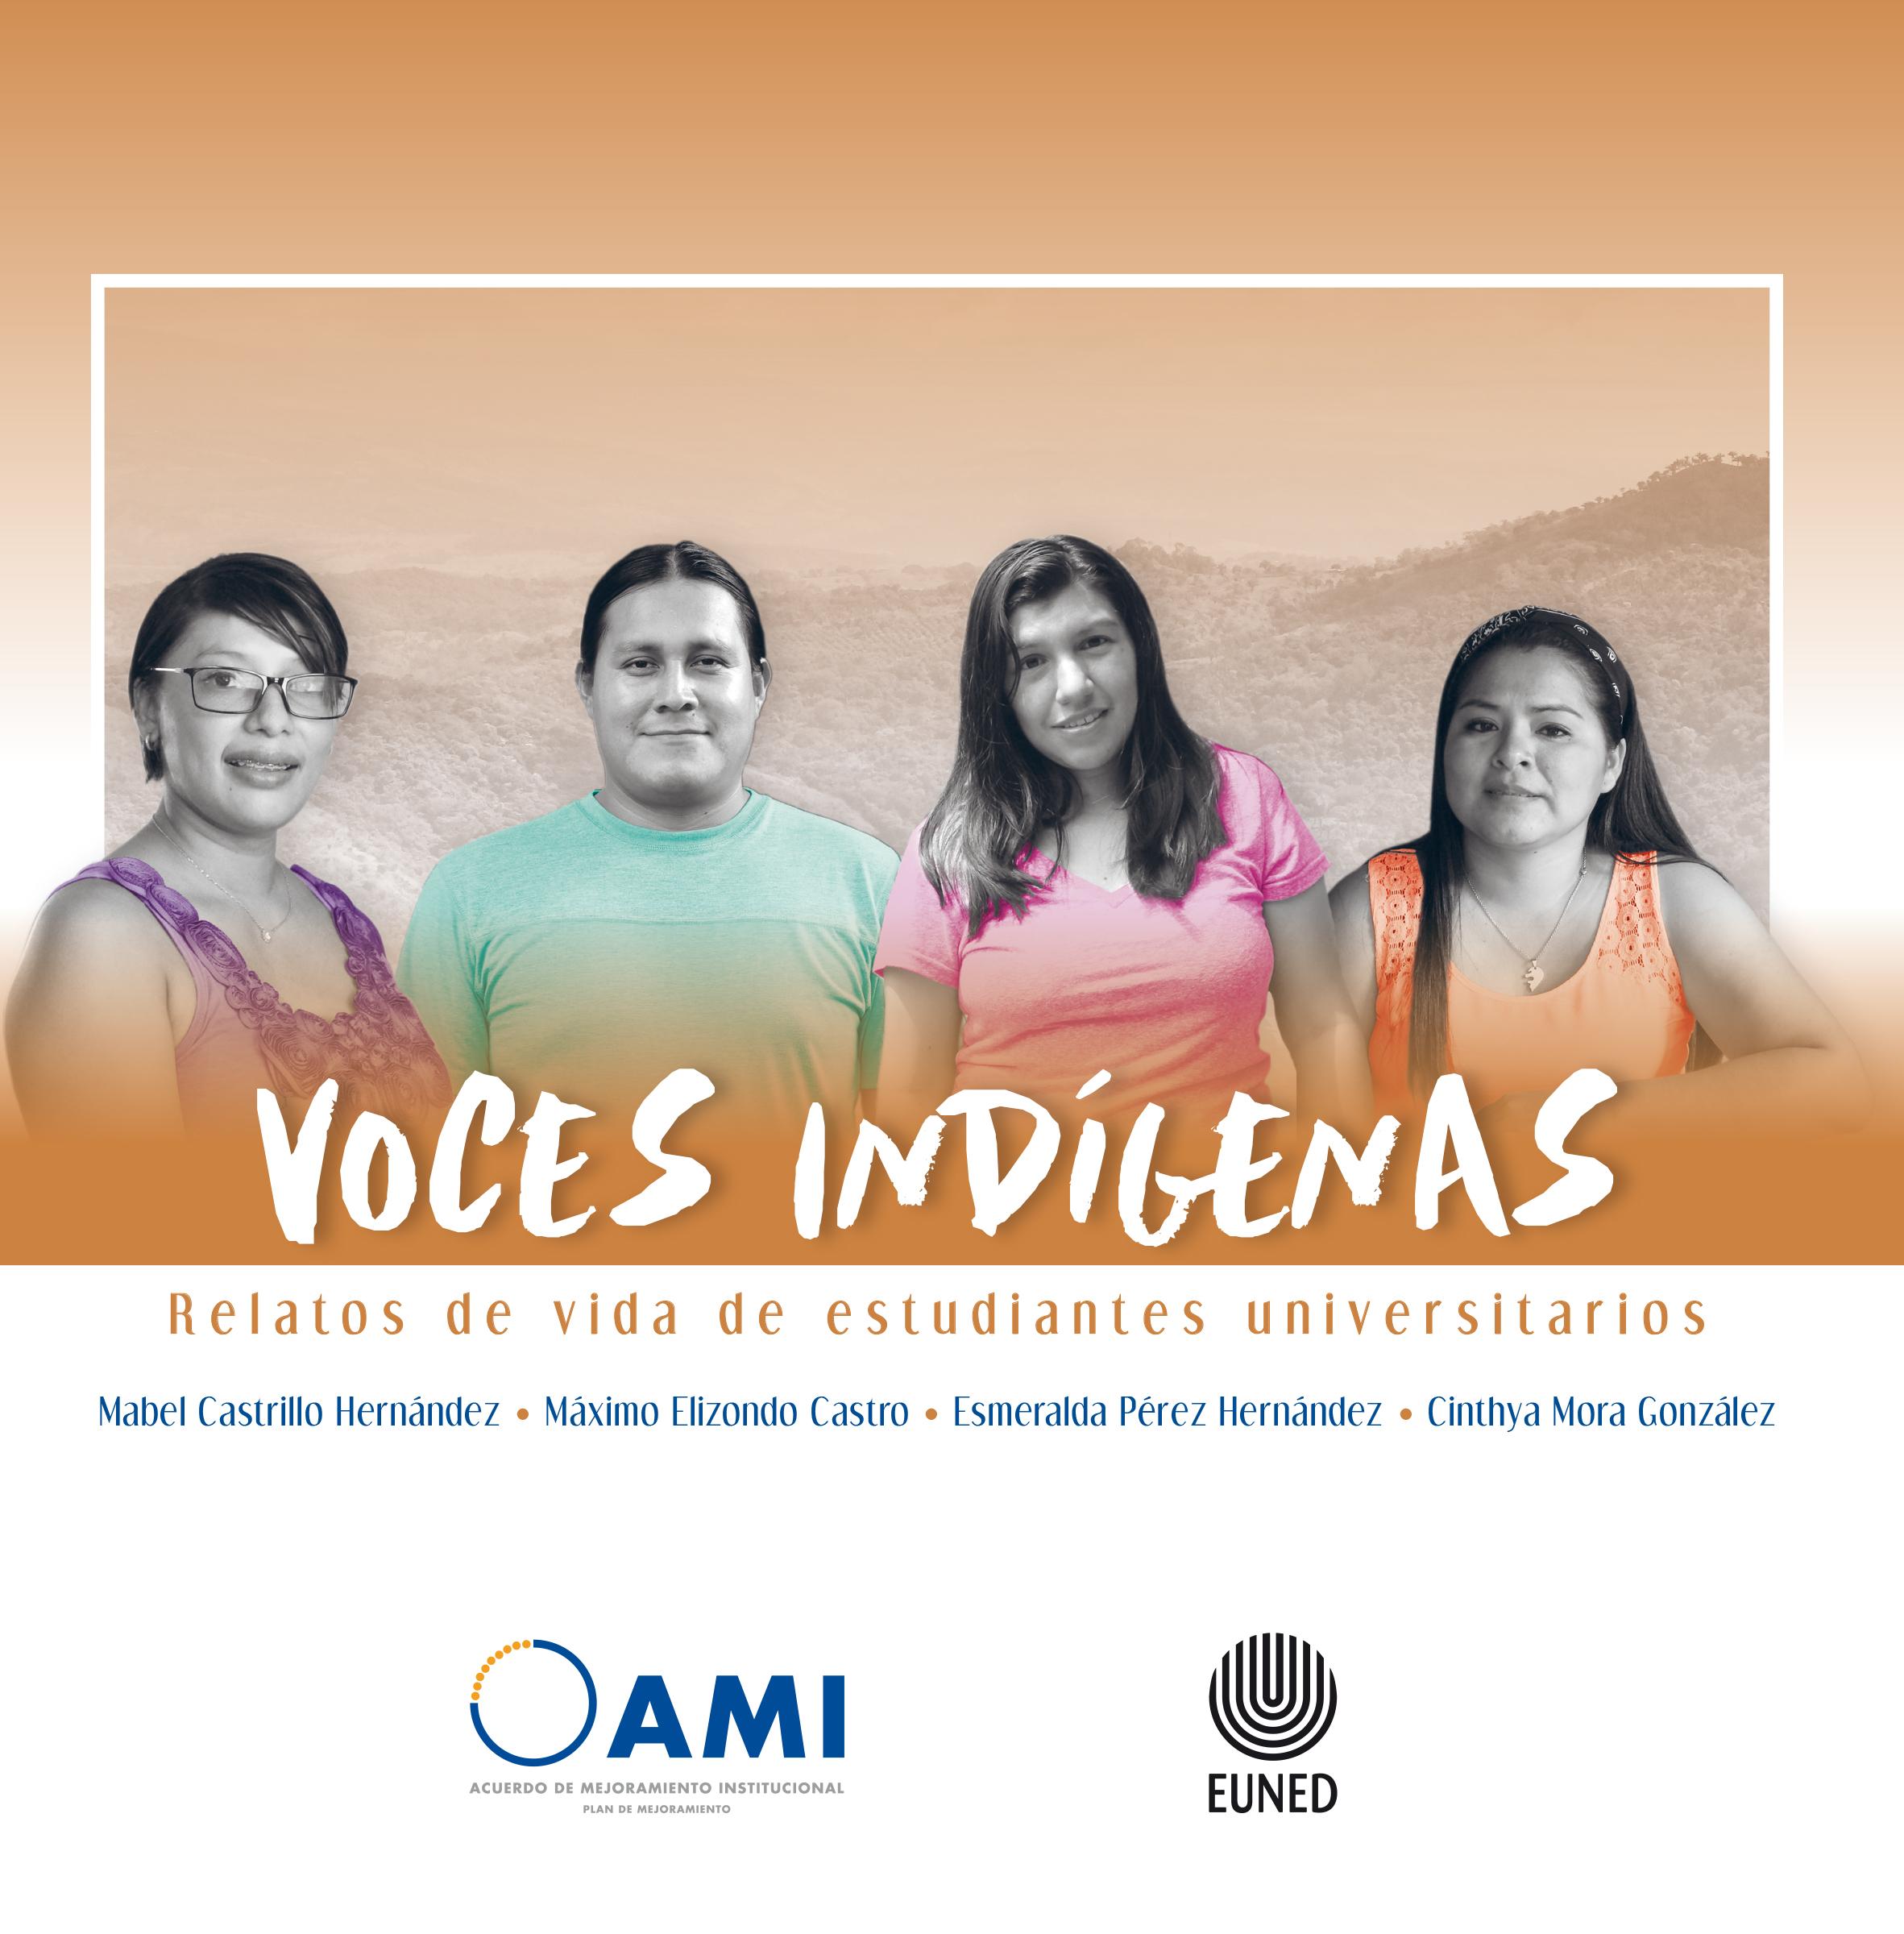 Voces indígenas